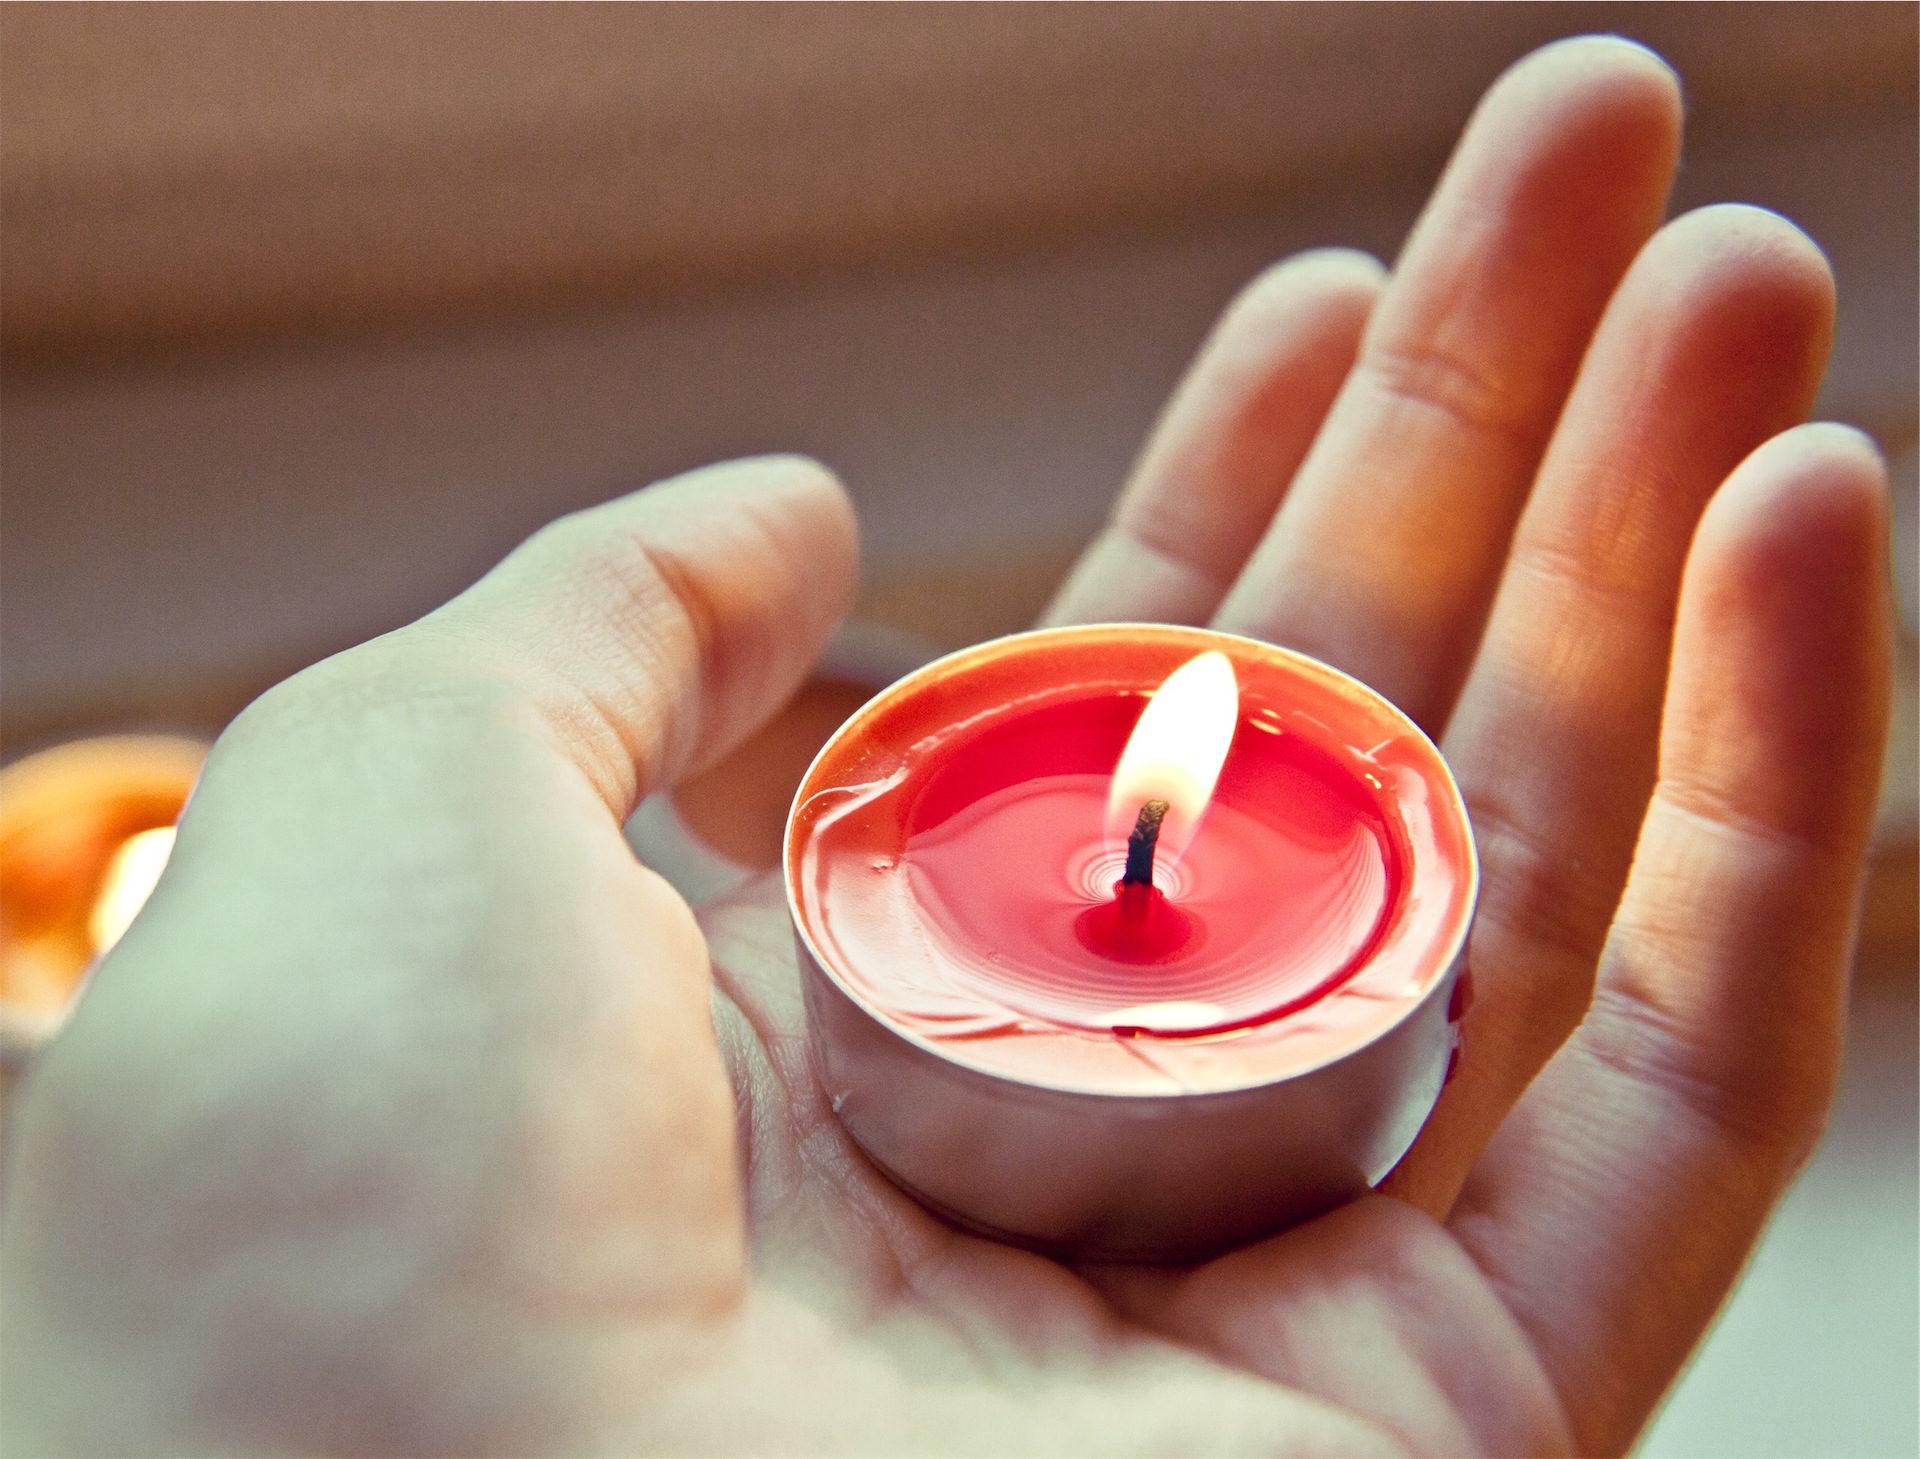 mano, candela, fuoco, chiamato, Rosso - Sfondi HD - Professor-falken.com